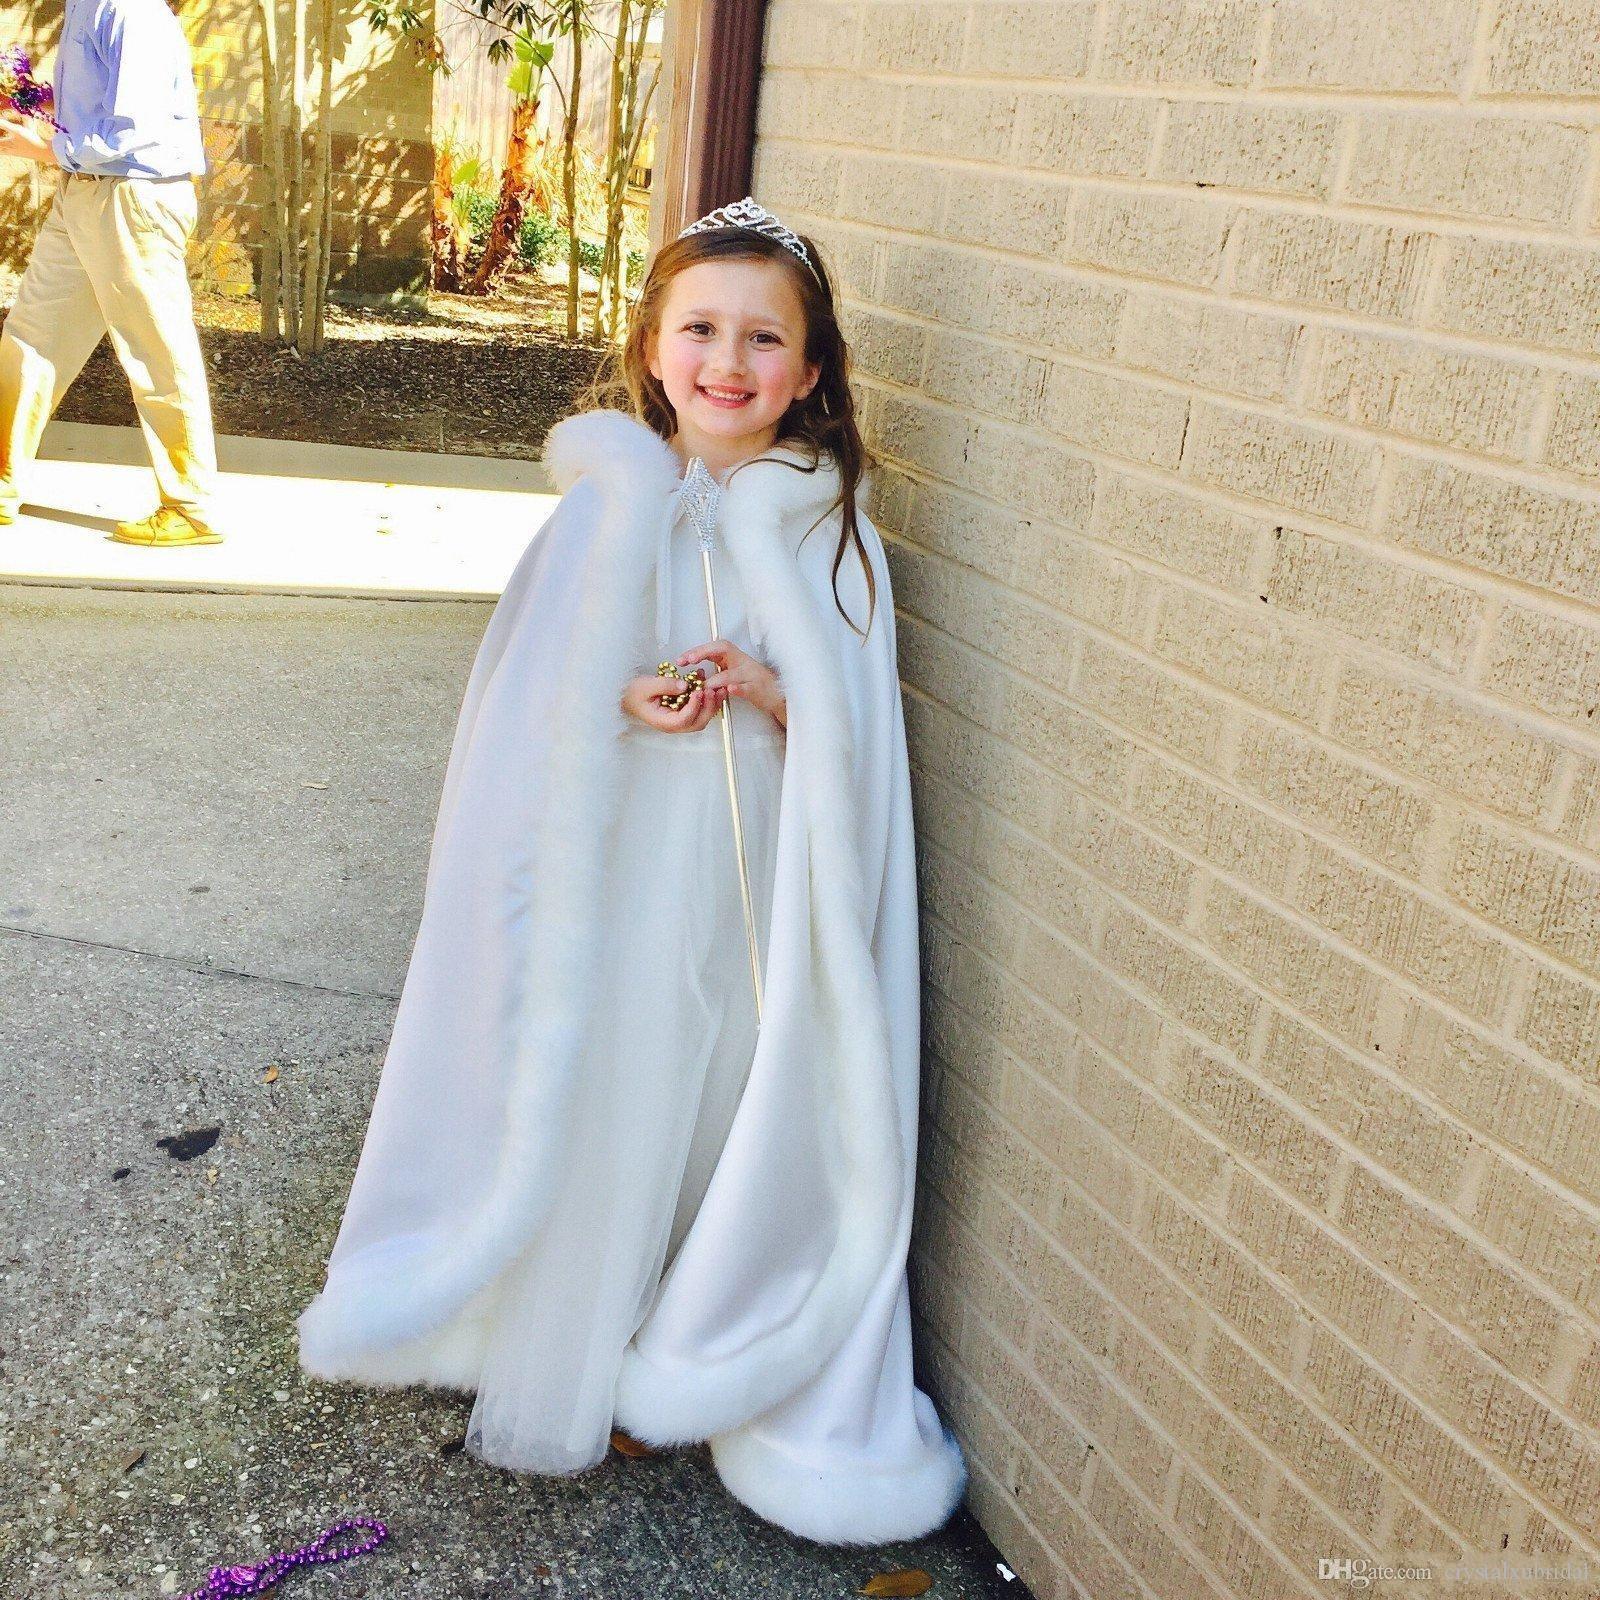 Ucuz Uzun Kat Uzunluk Kapşonlu Çiçek Kız Cape ucuz Custom İçin Düğün Cloaks Noel Beyaz Fildişi Faux Fur Kış Düğün Ceket sarar